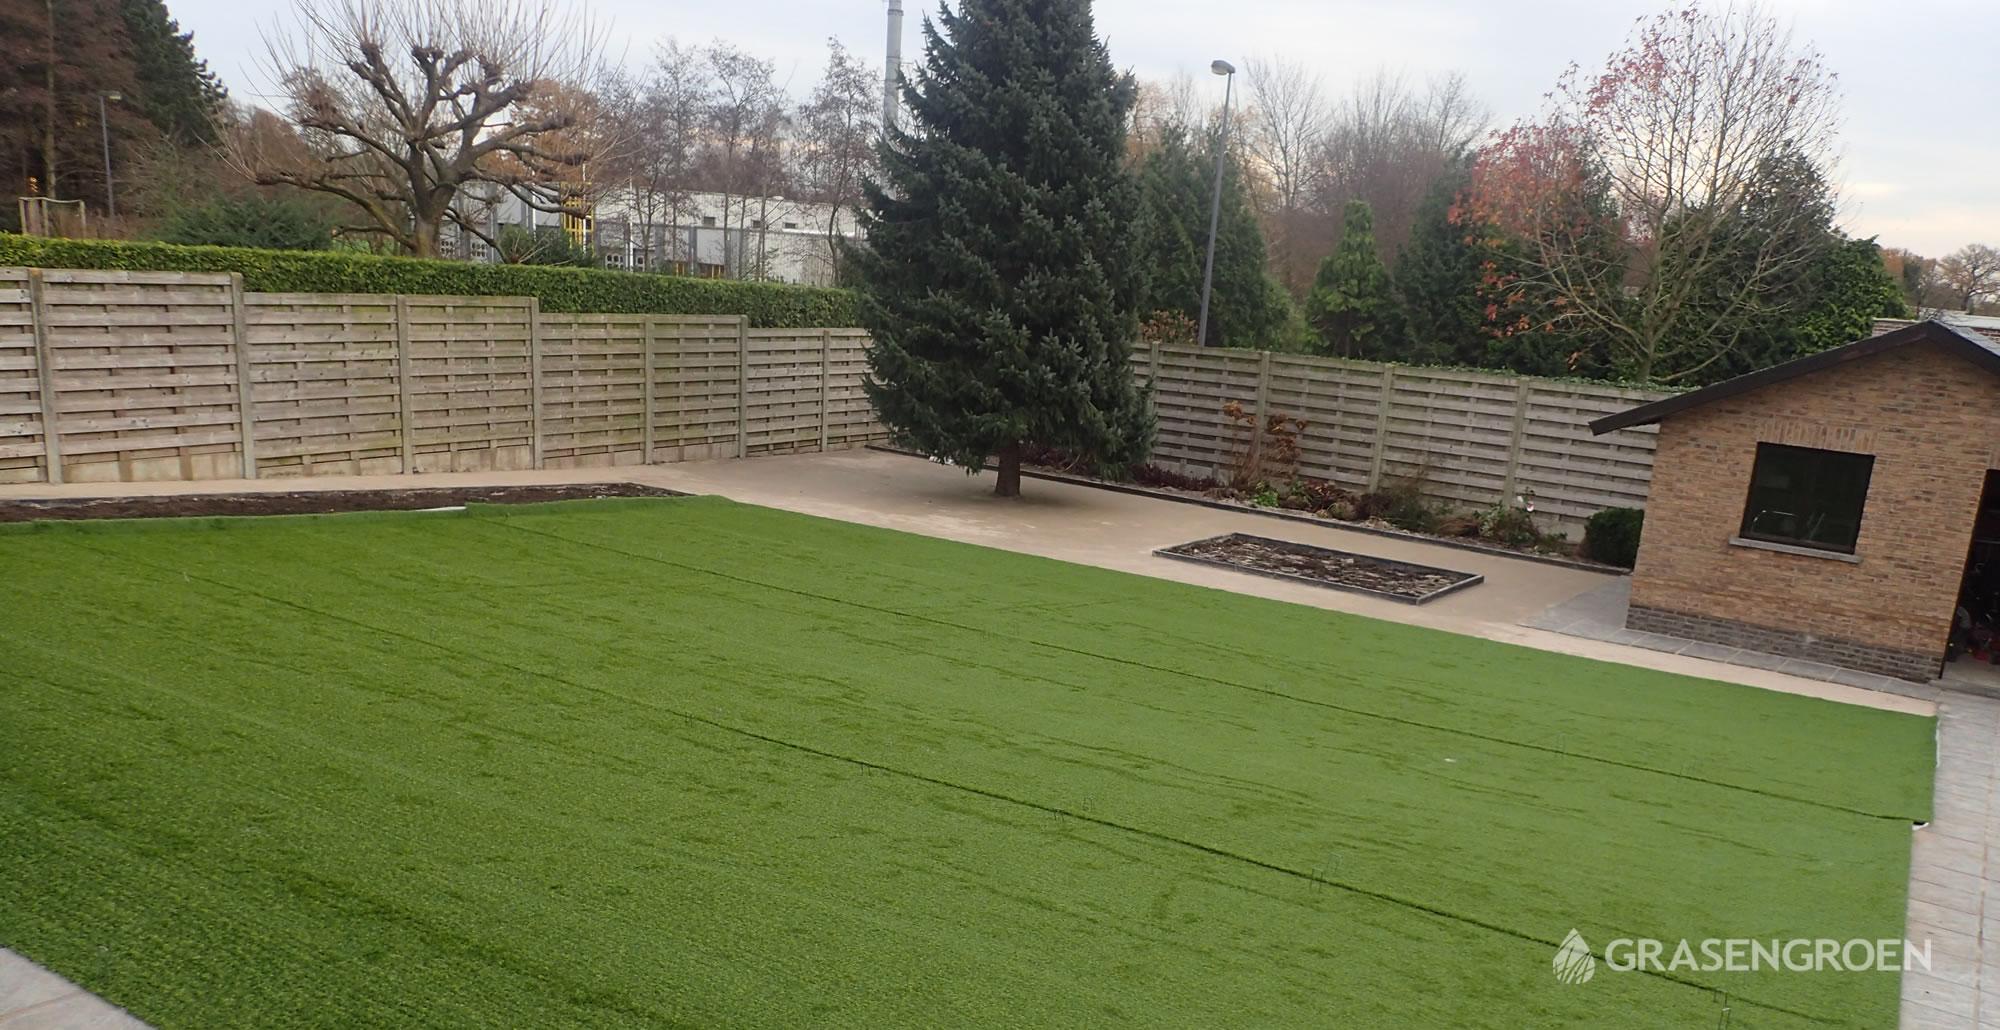 Kunstgrasleggenwuustwezel15 • Gras en Groen Kunstgras